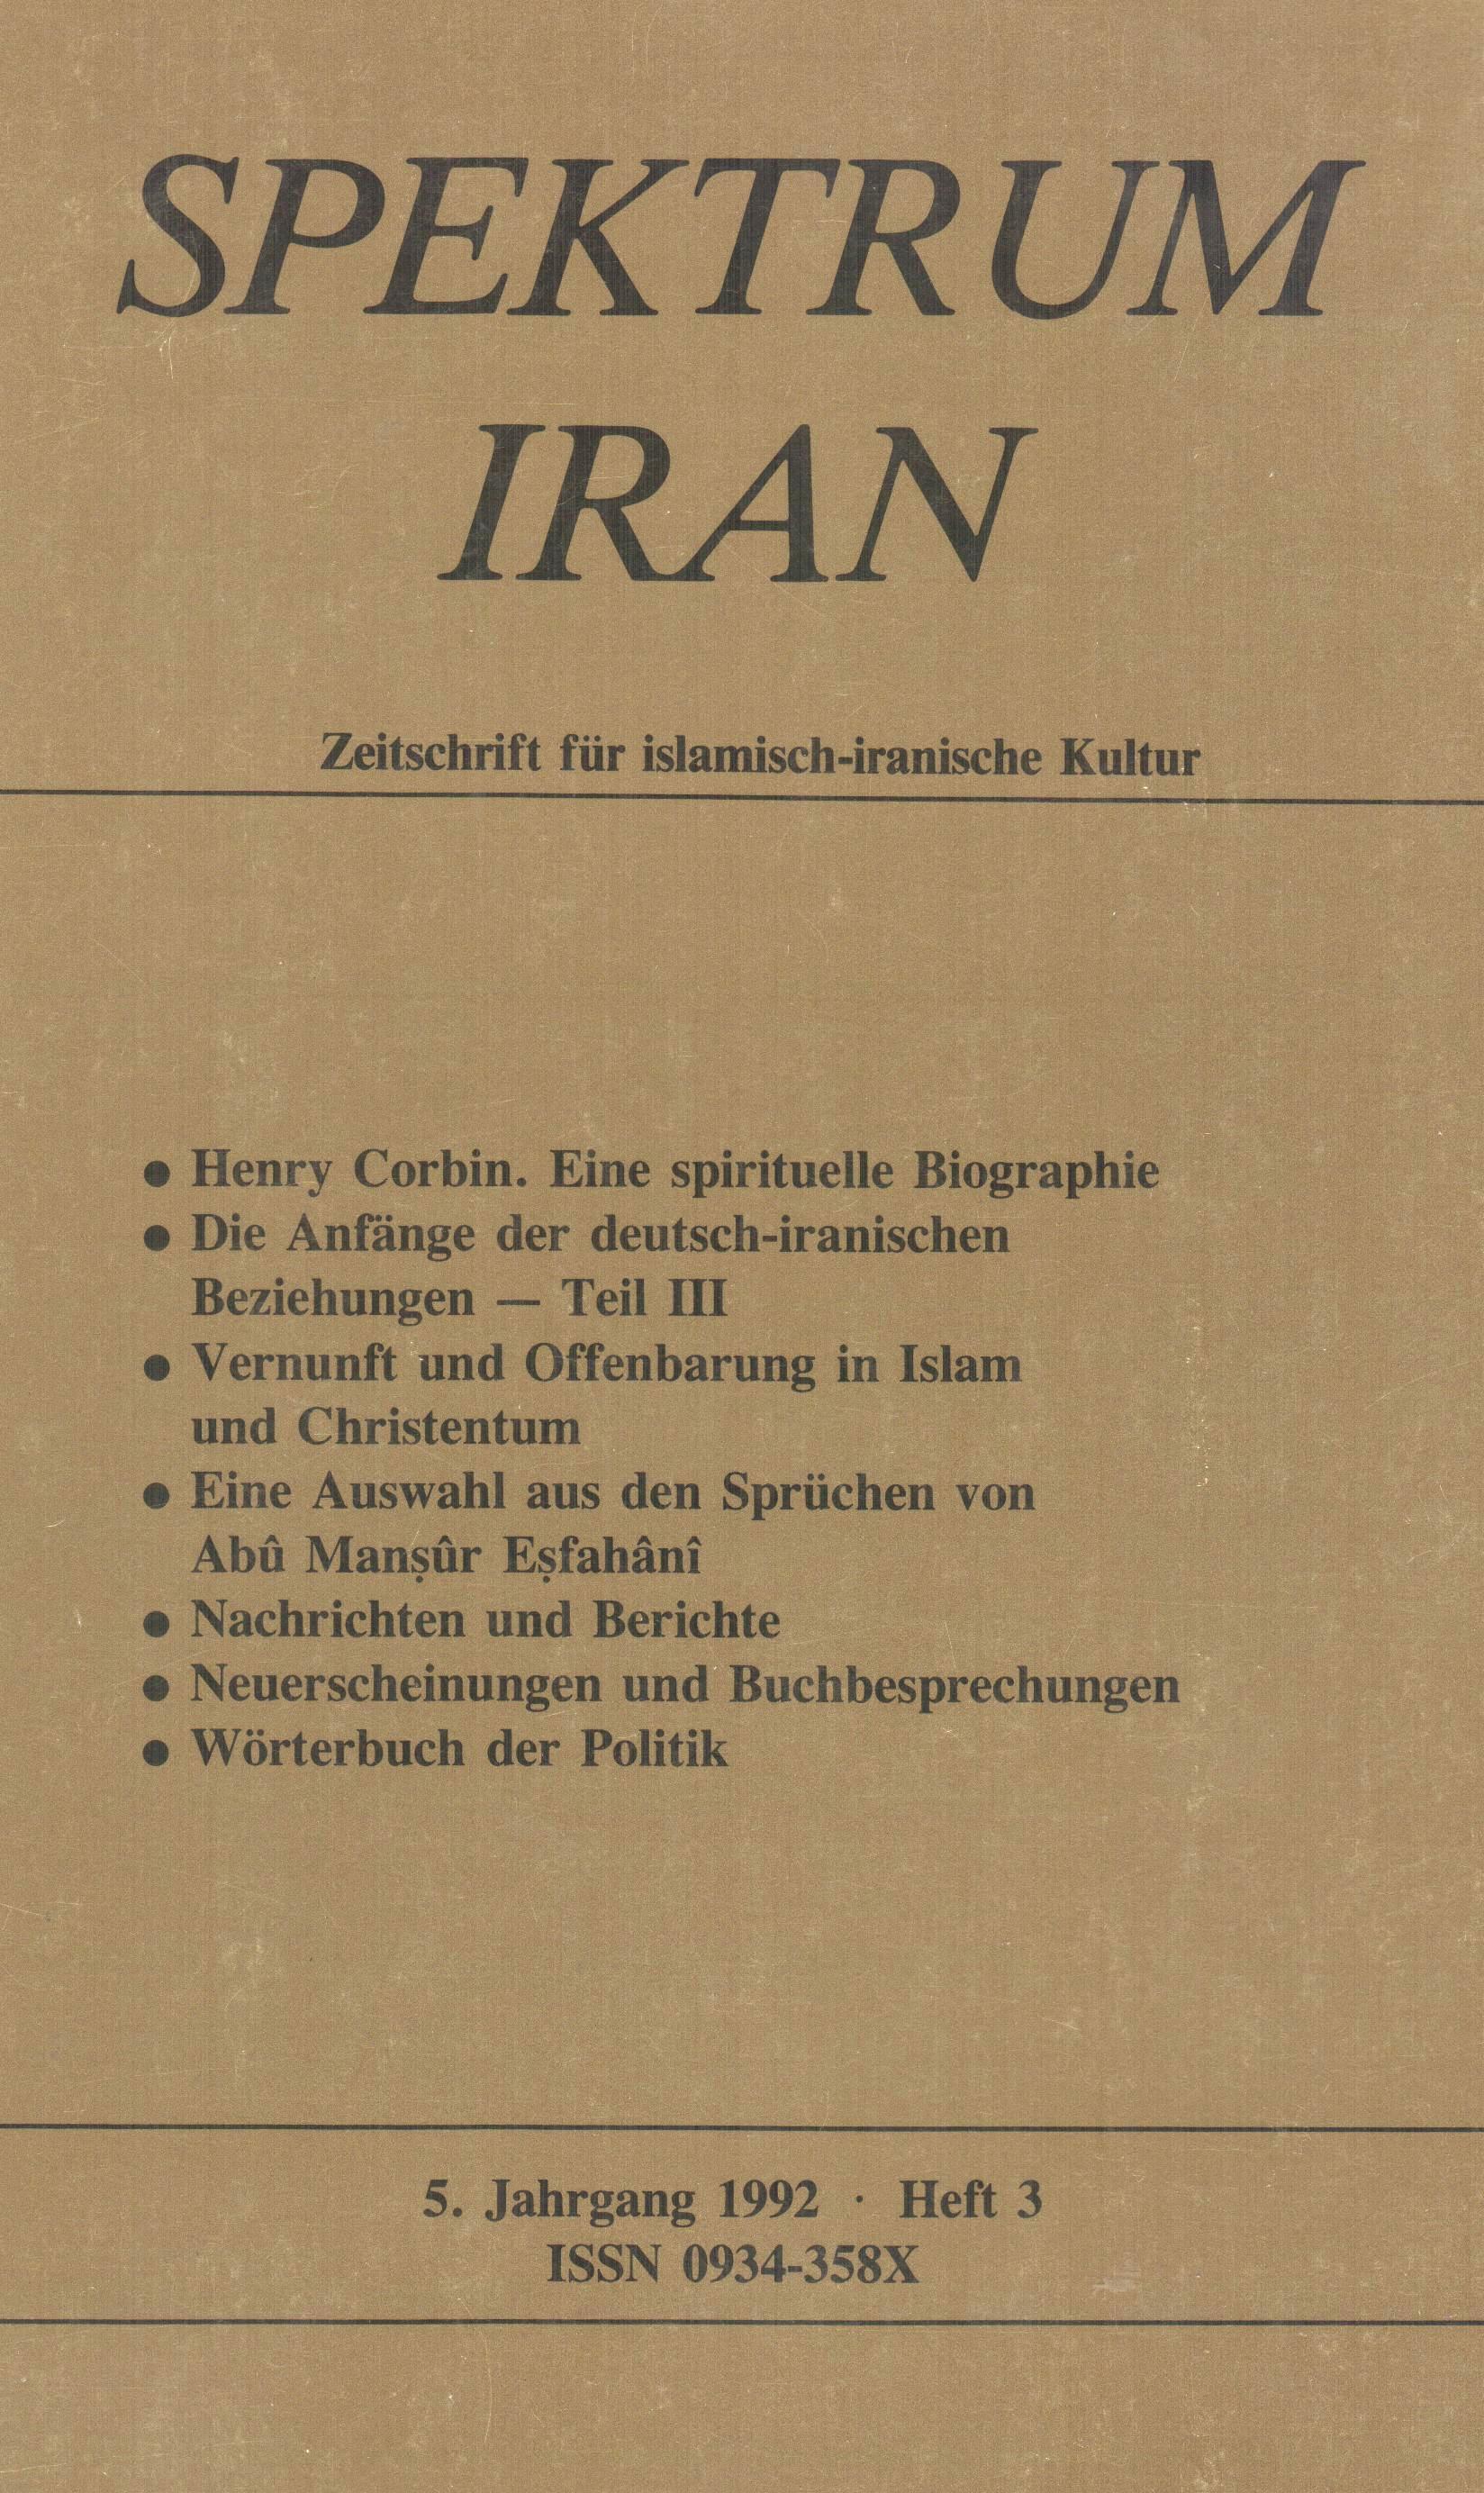 Spektrum Iran 3 - 1992